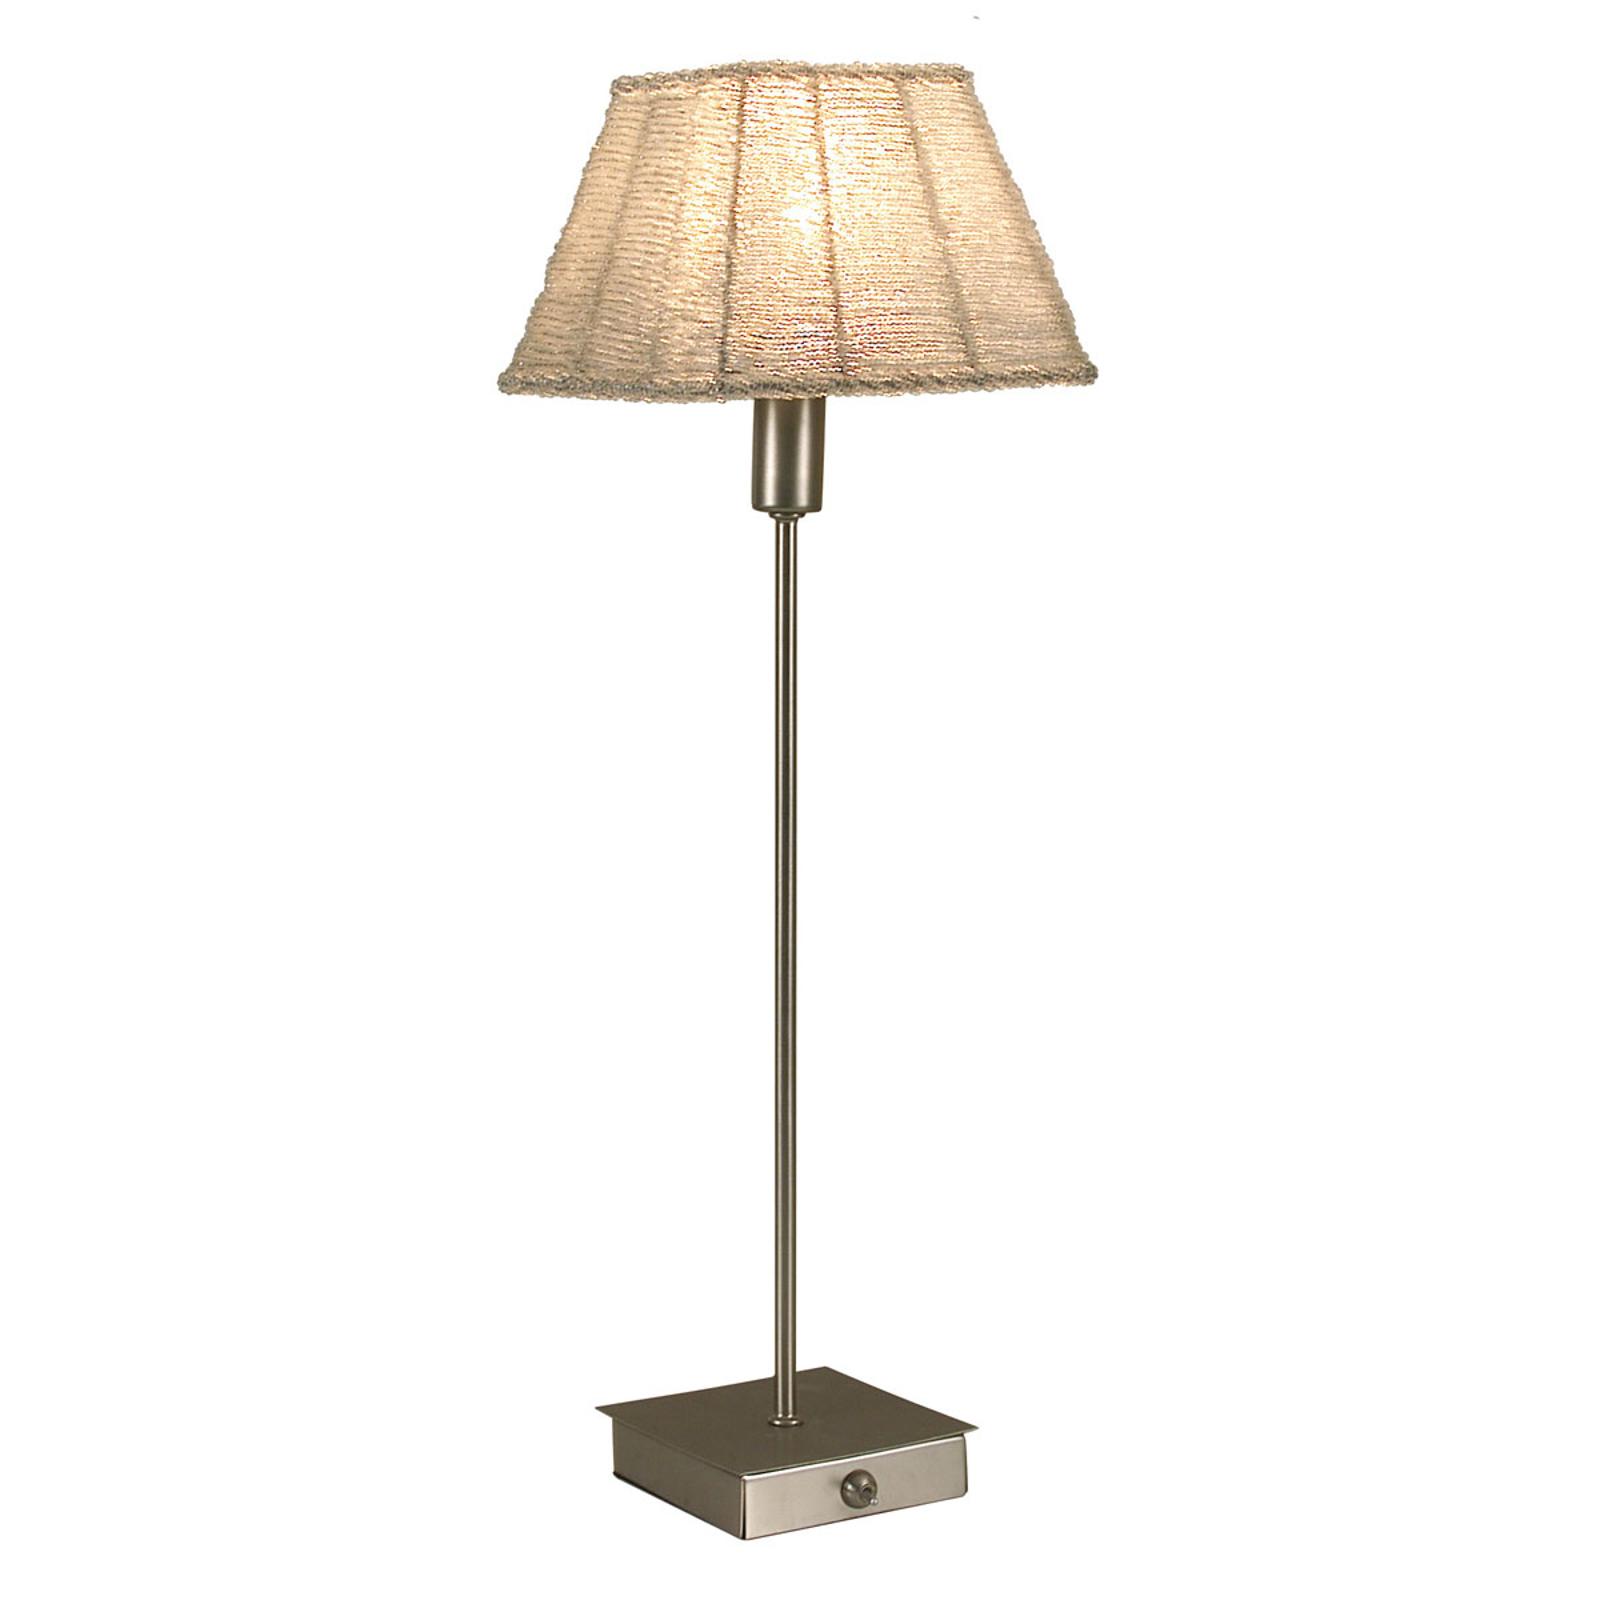 Tafellamp Pearl vierkante uitvoering wit